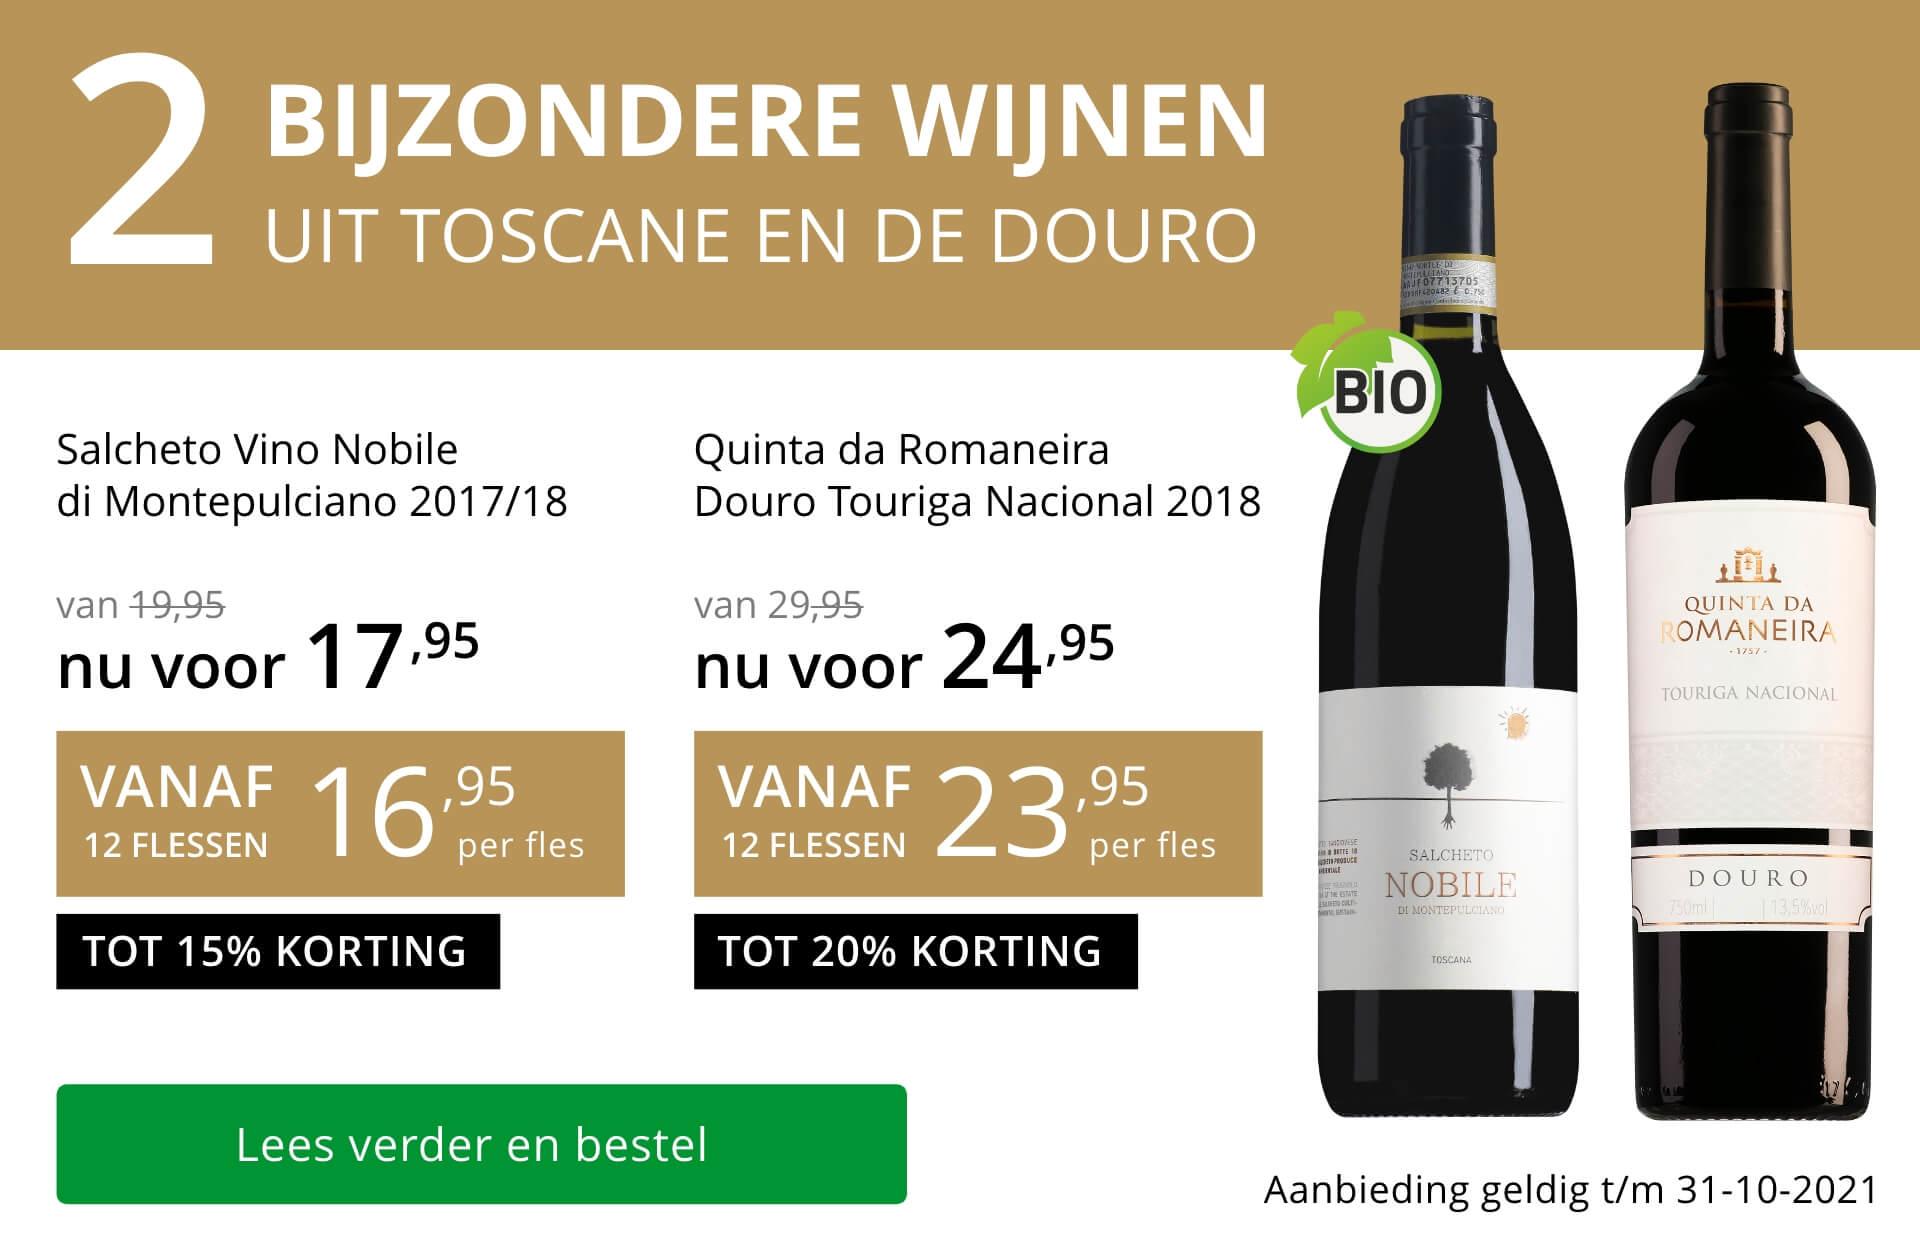 Twee bijzondere wijnen oktober 2021 - goud/zwart